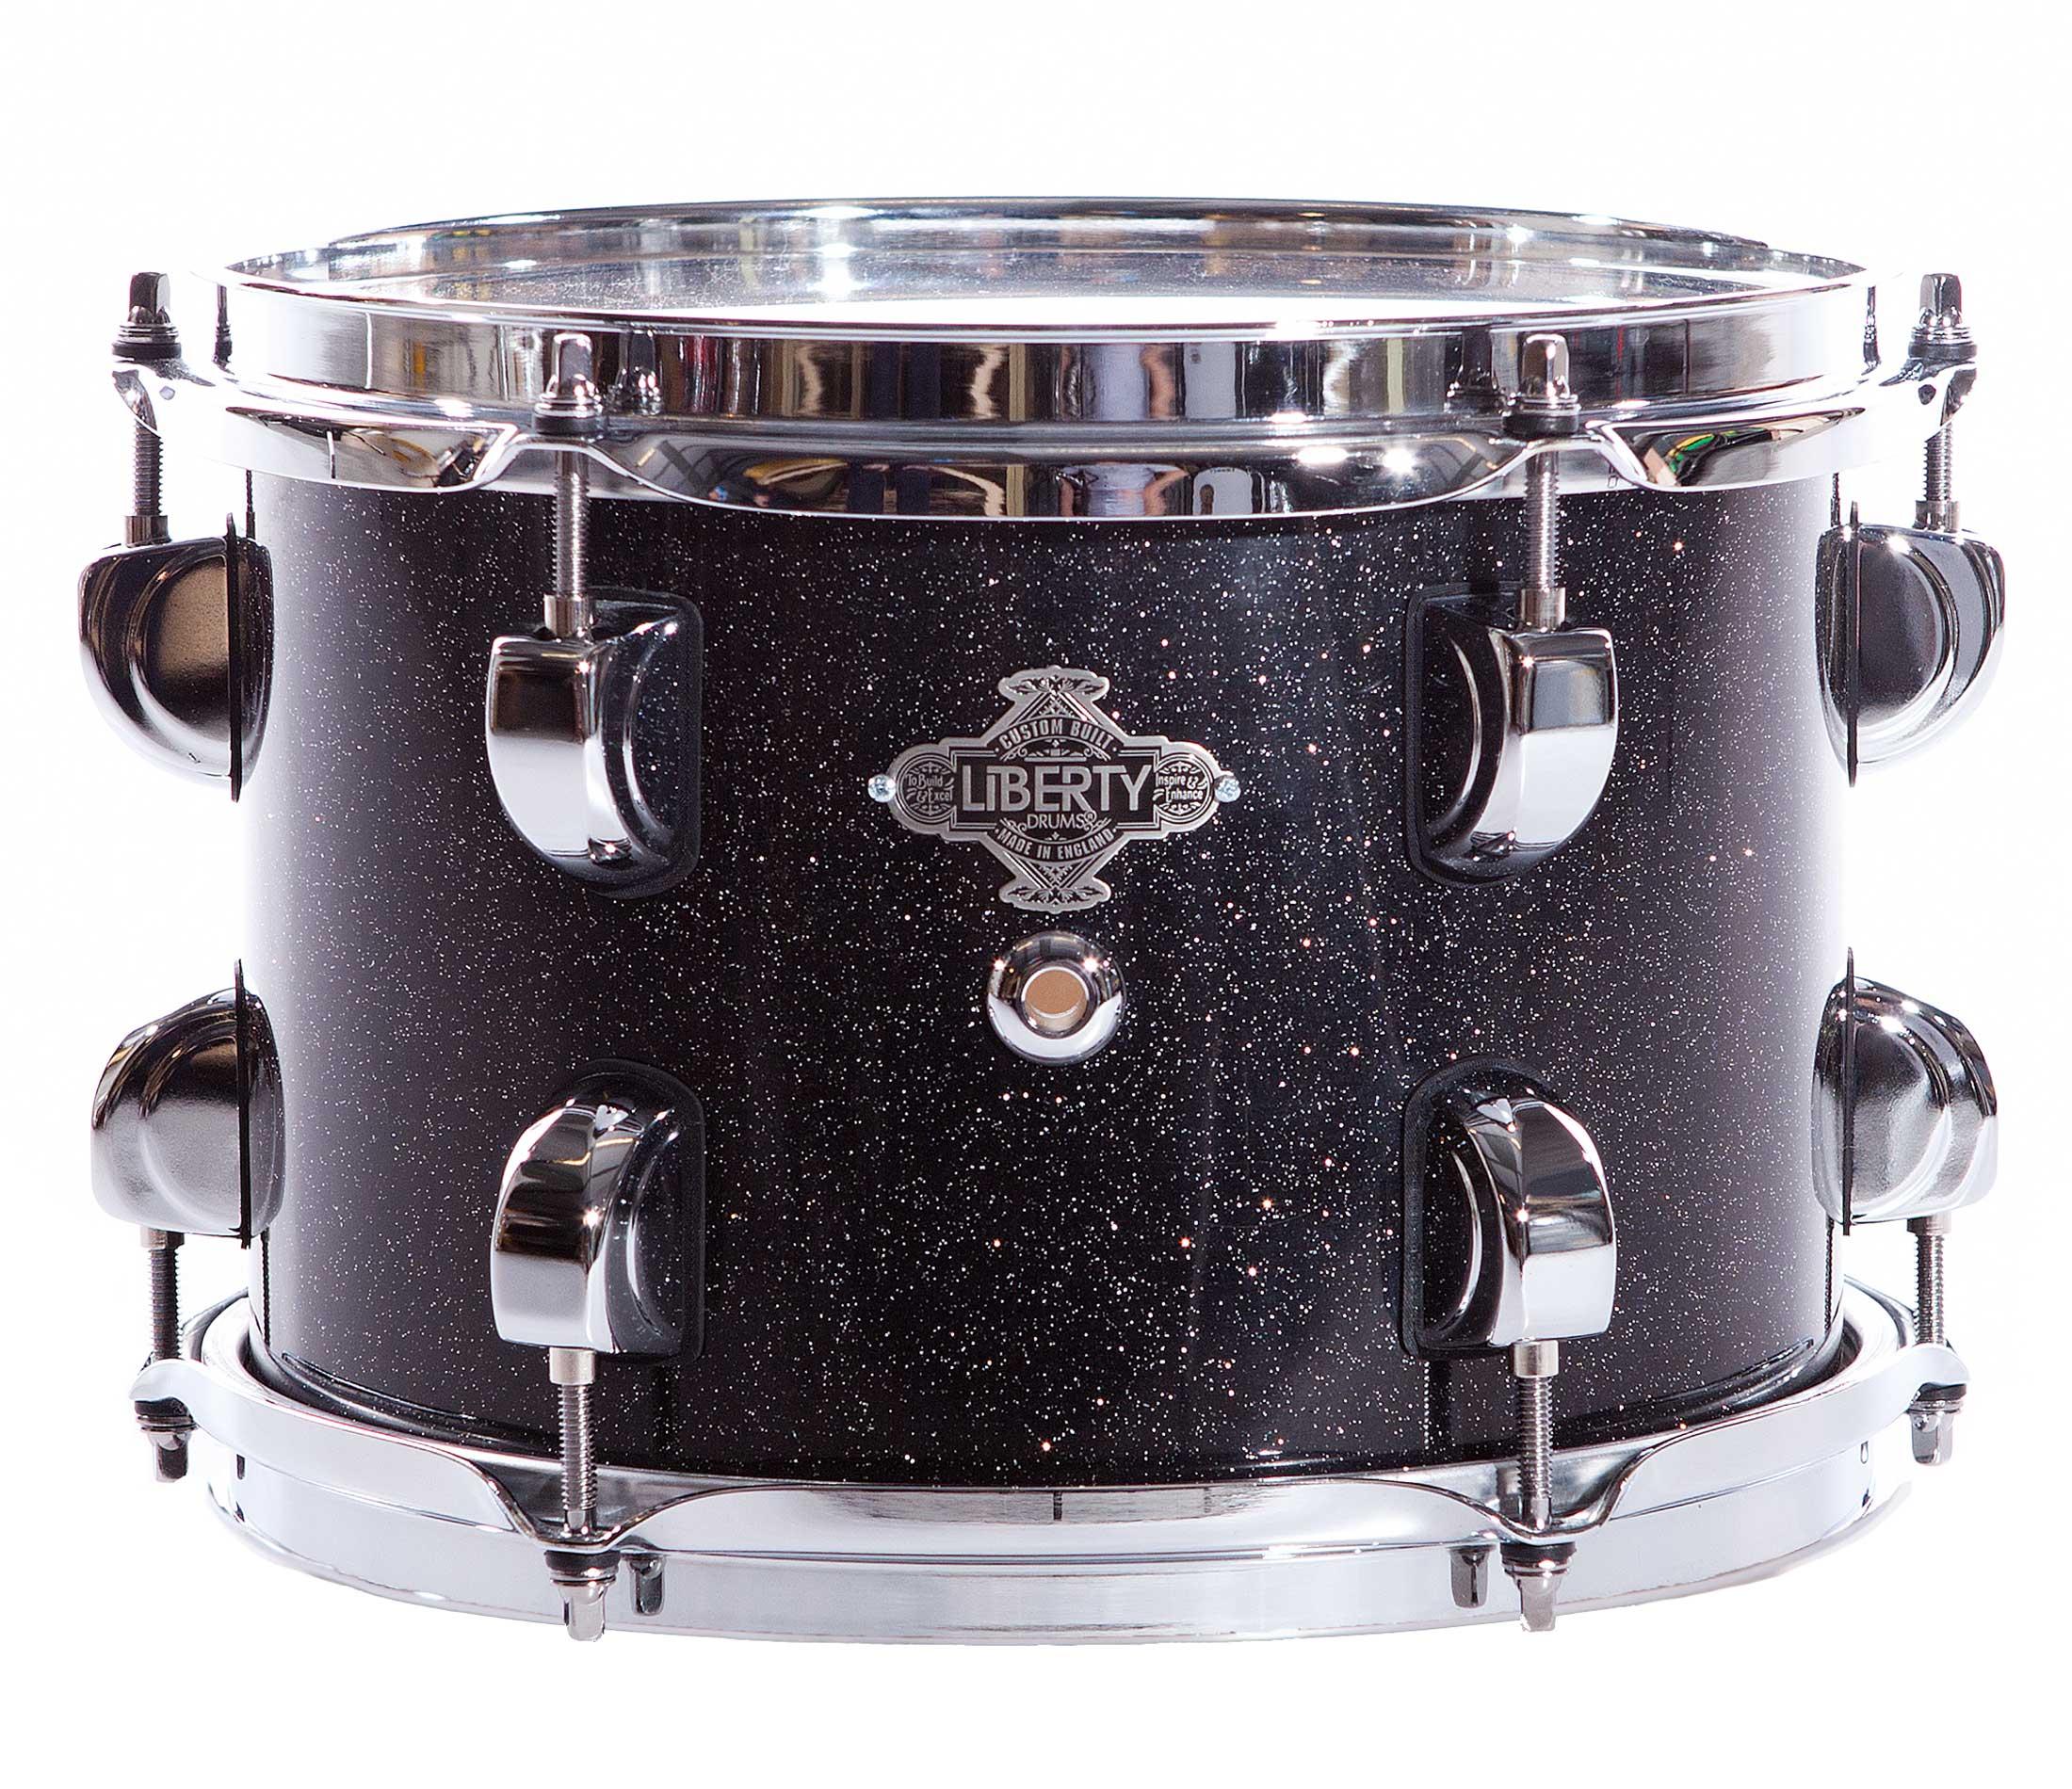 Black sparkle lacquer